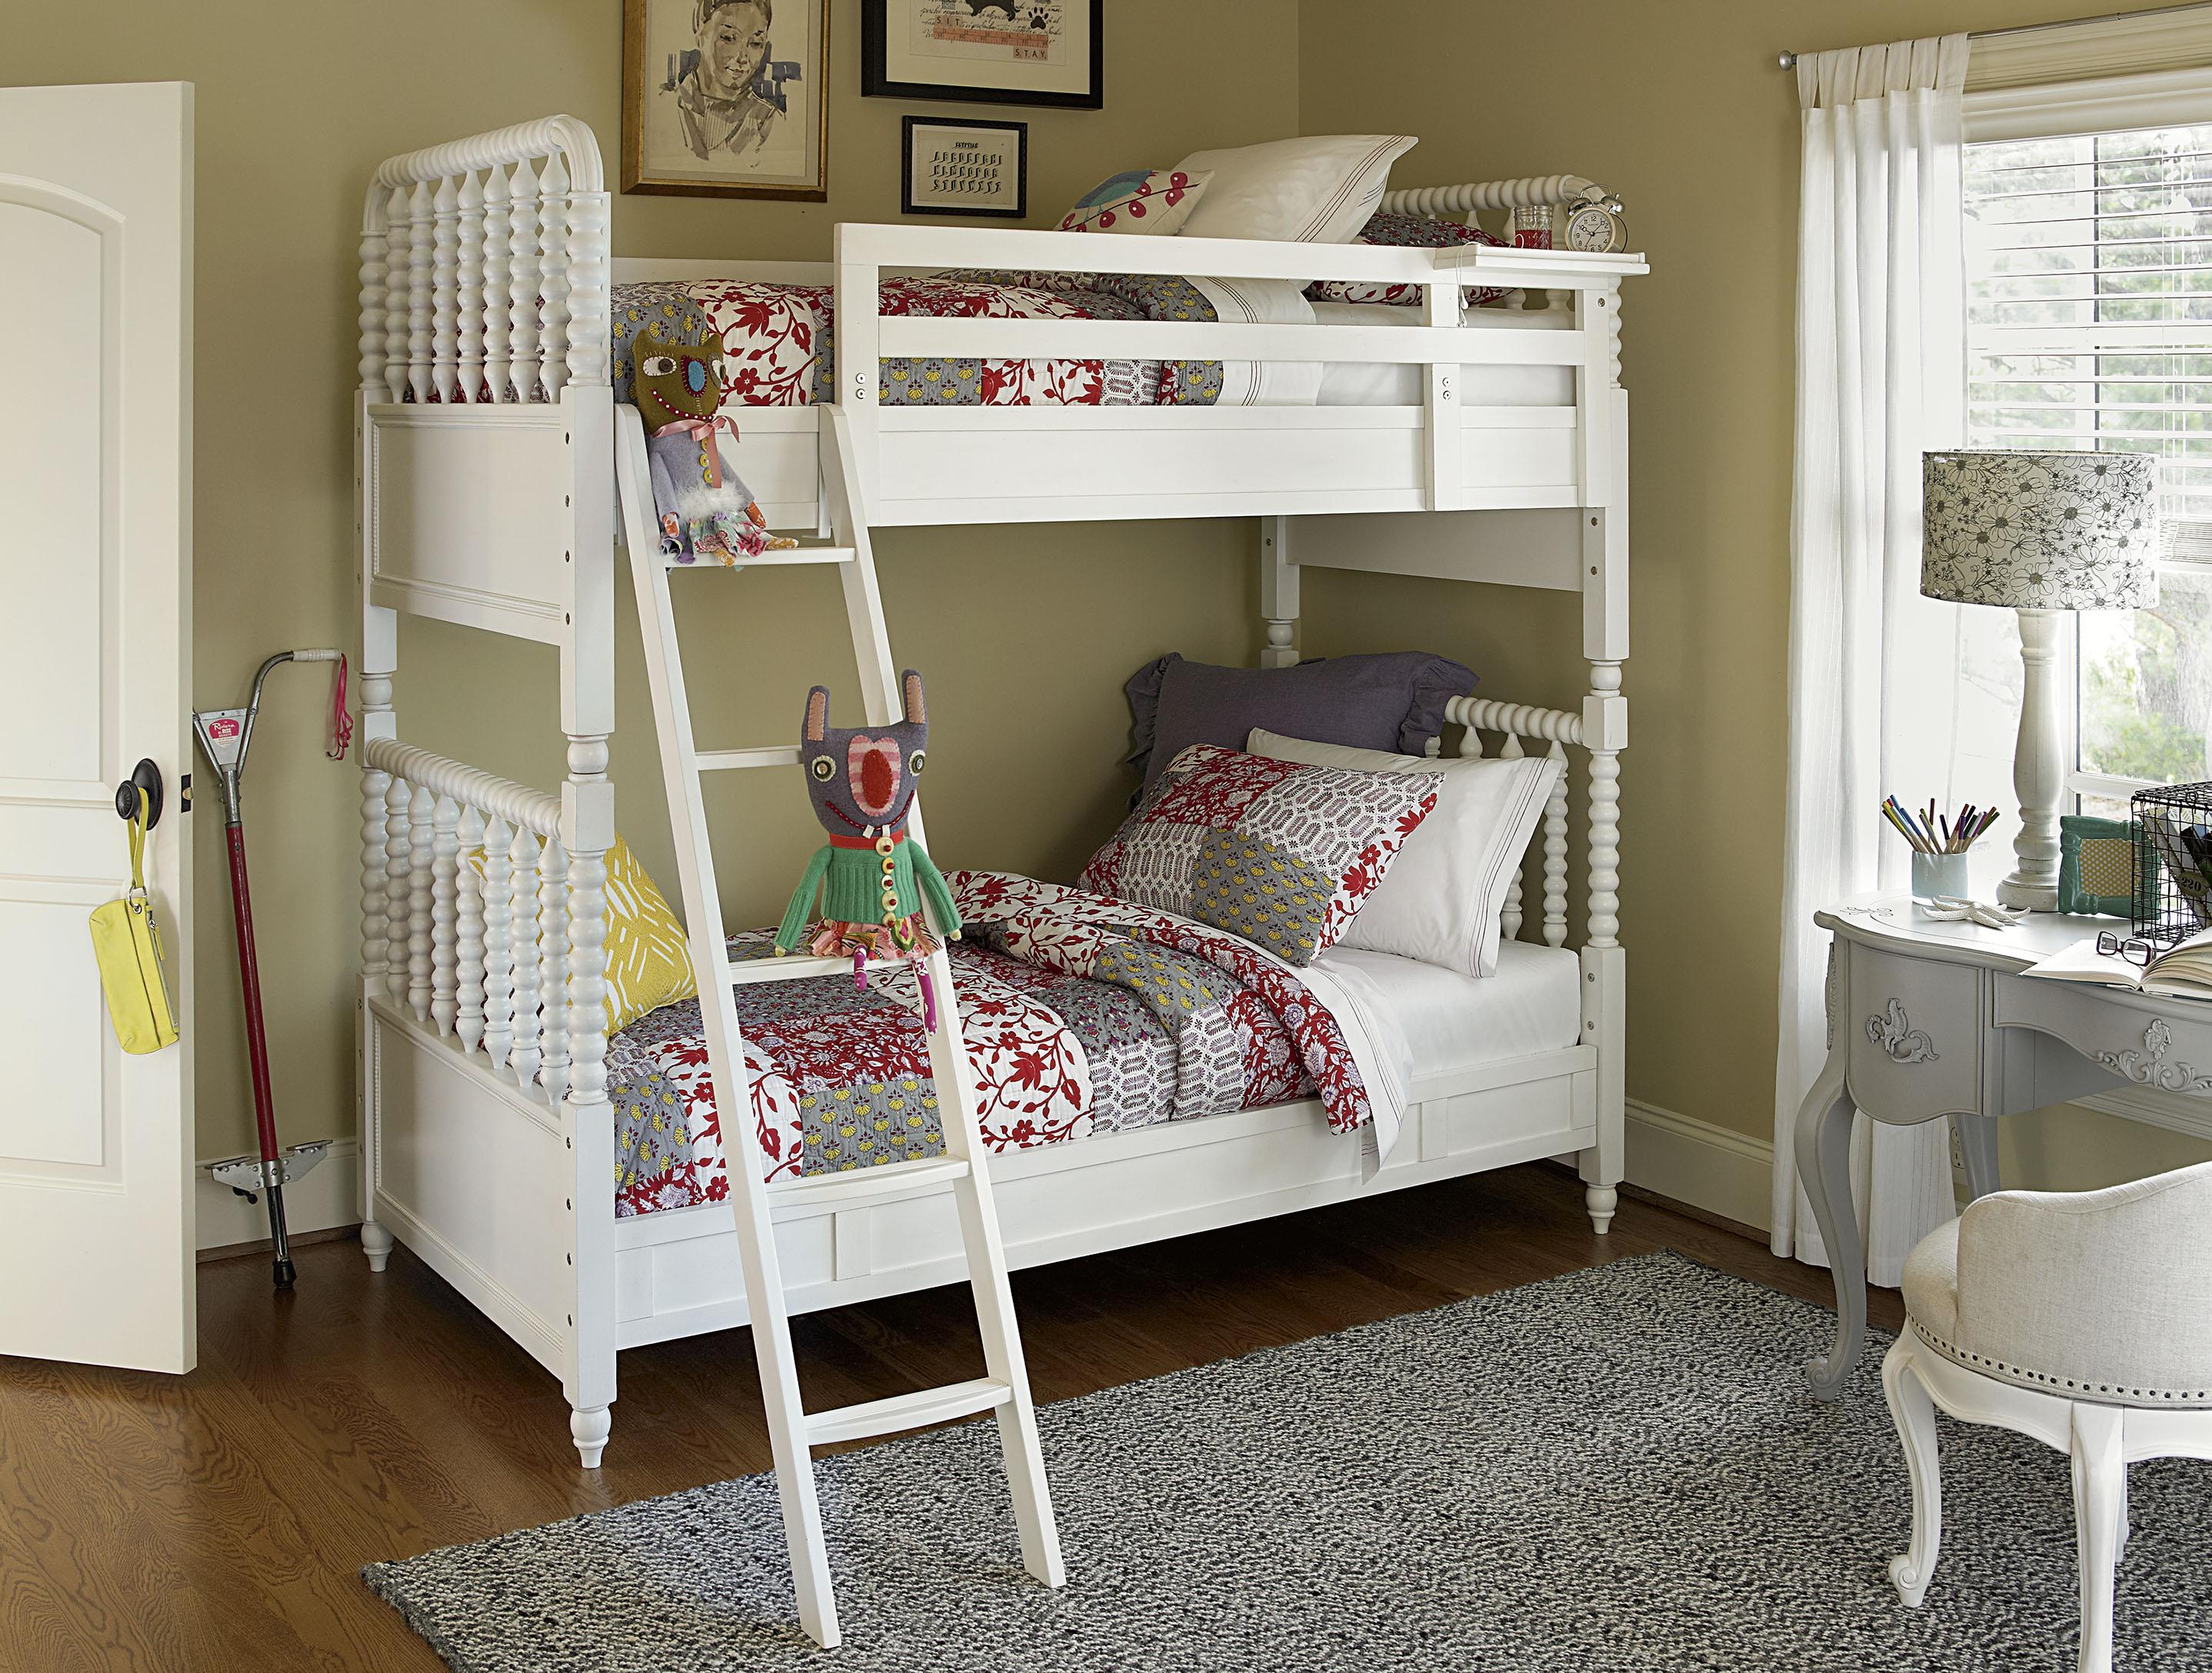 Smartstuff Bellamy Twin Bunk Bed Bedroom Group - Item Number: 330A T Bedroom Group 6